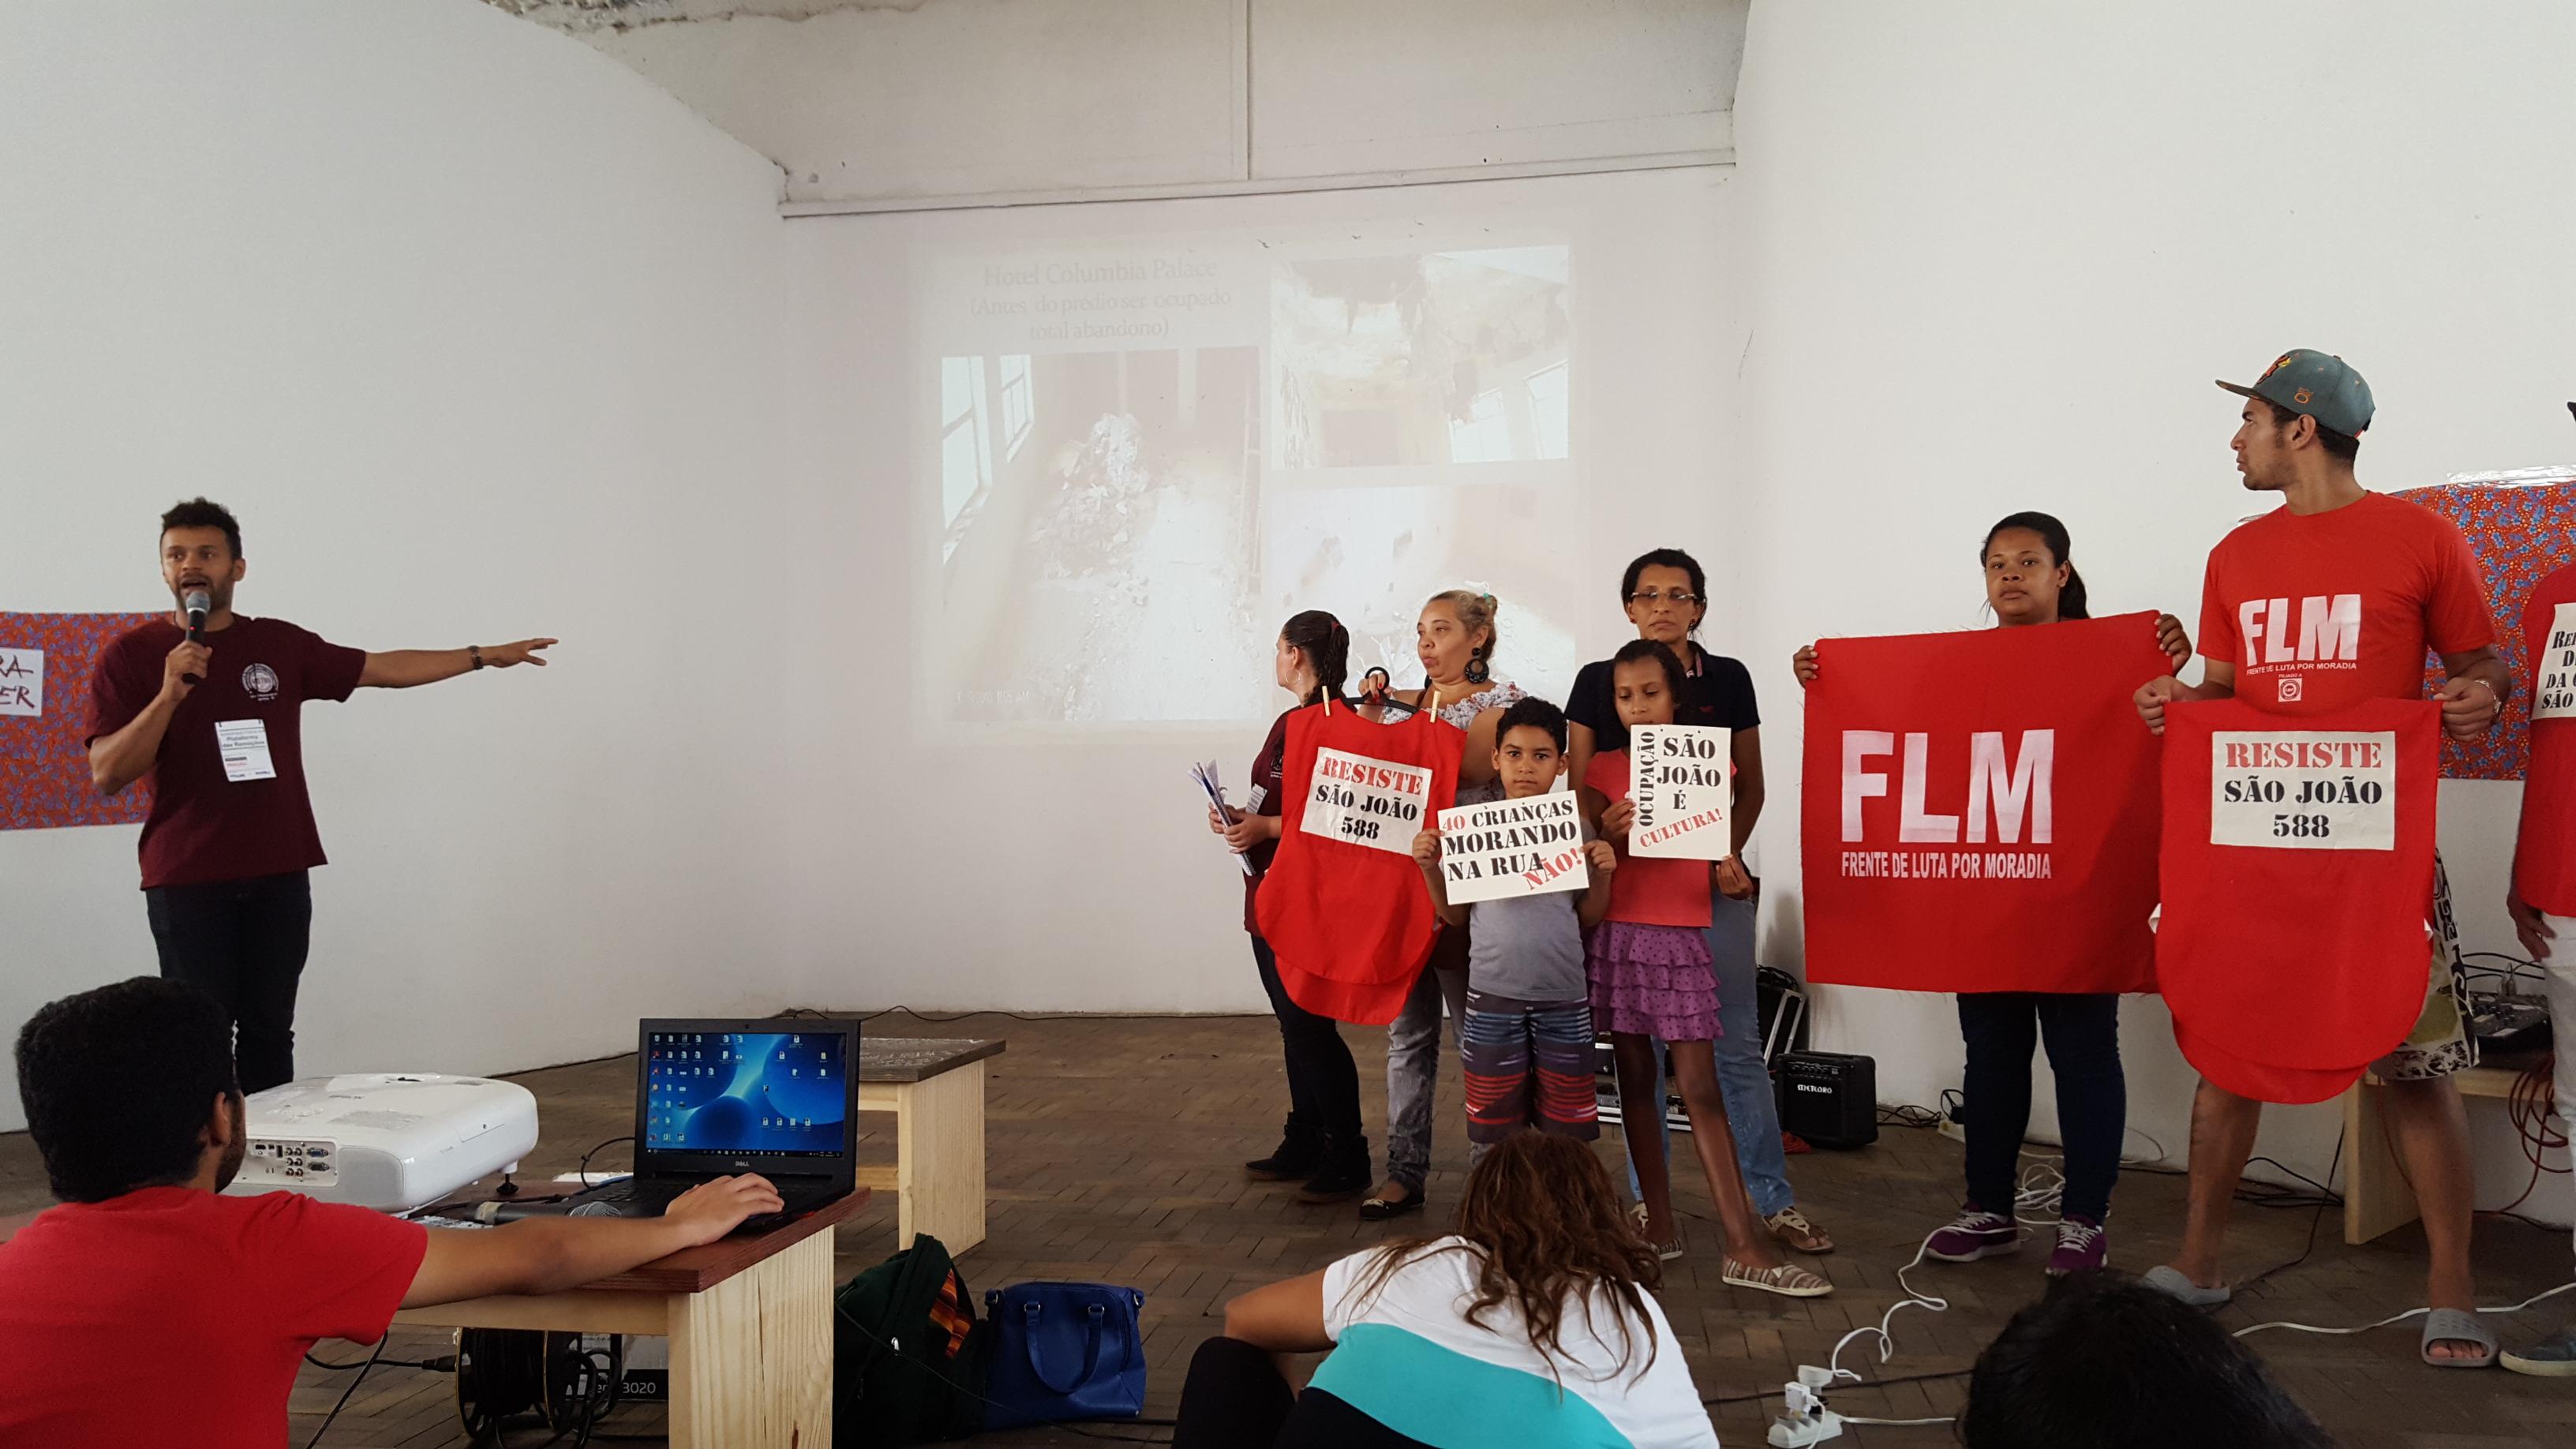 Fala de morador e apresentação de grupo representando comunidades ameaçadas por remoção @Beatriz Nobumoto